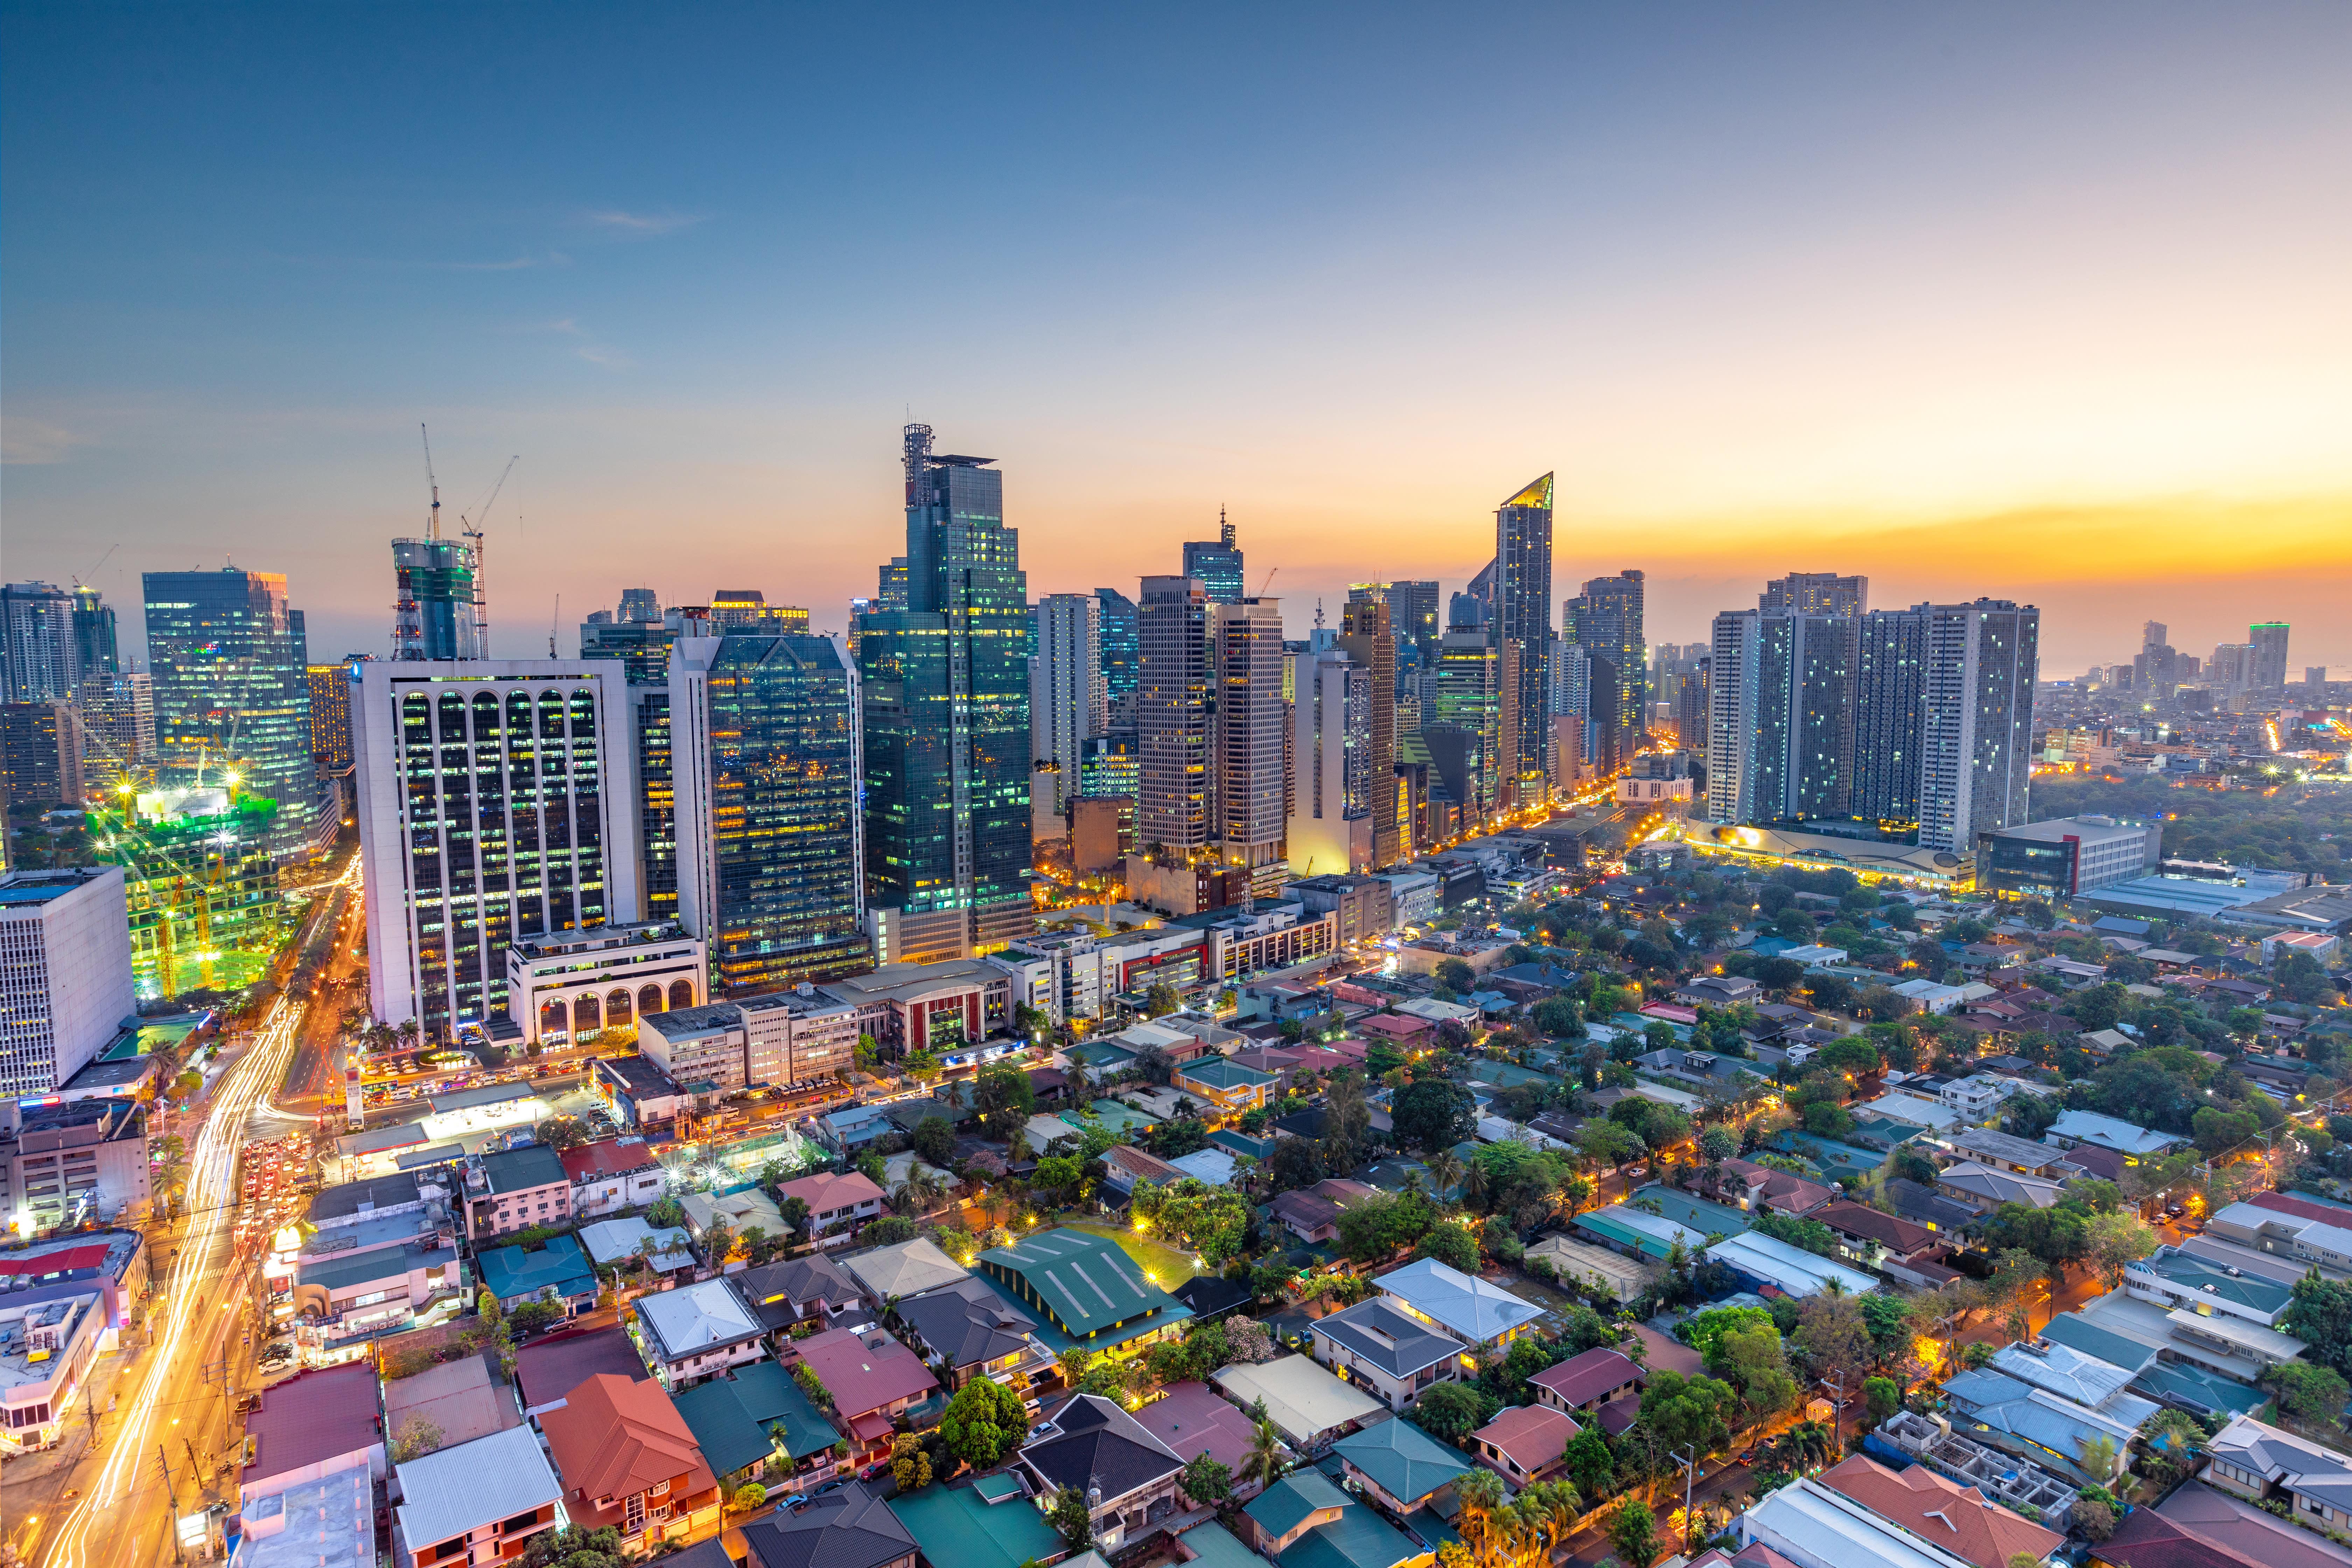 Citi Philippines Image